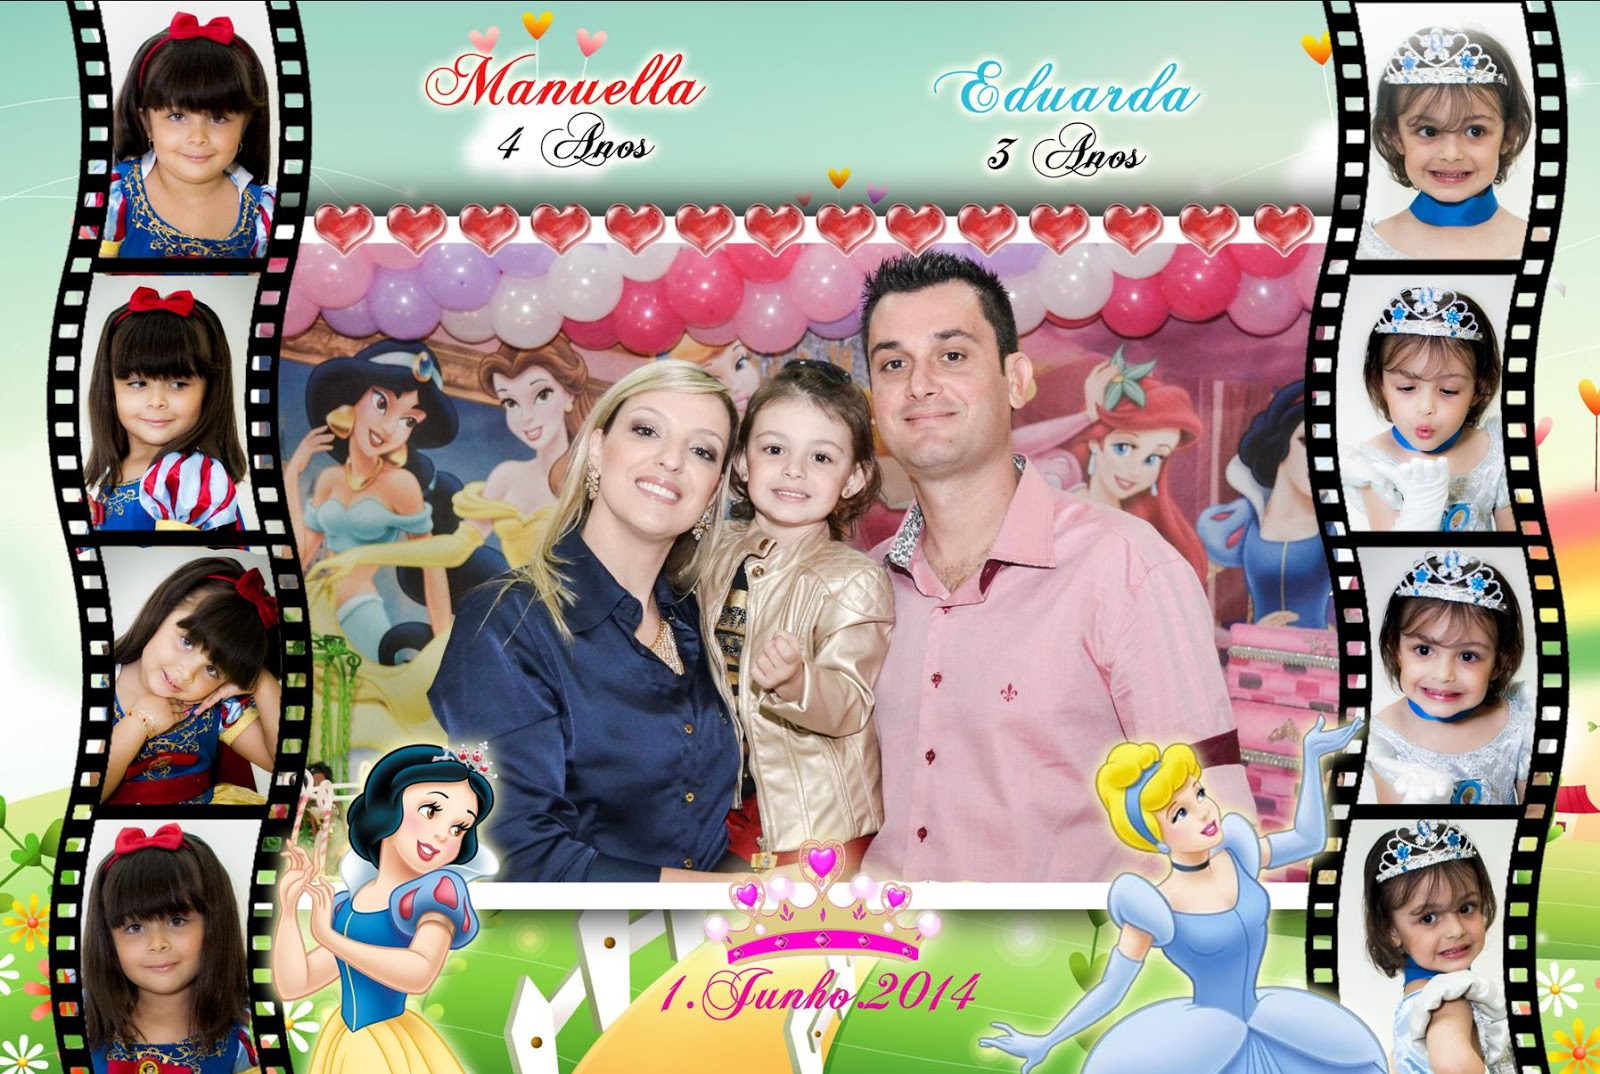 http://fotos-lembranca.blogspot.com.br/2014/06/20140601-manuella-e-eduarda-princesas.html